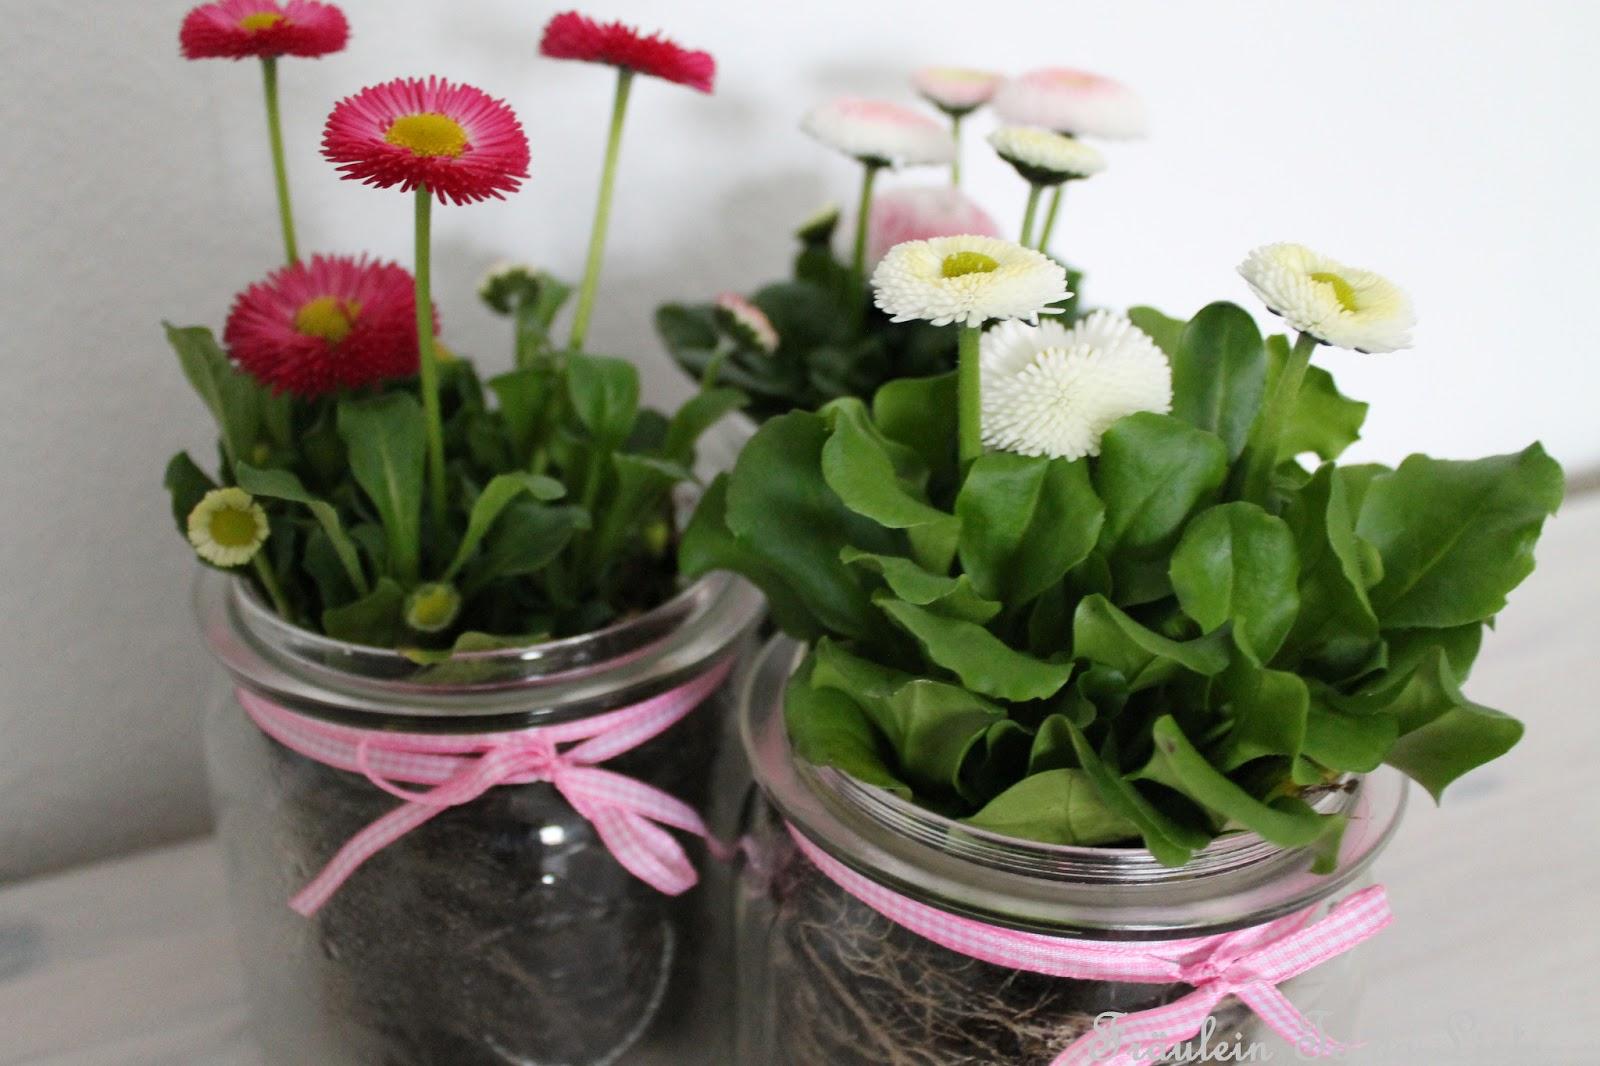 Tischdeko frühlingsblumen im glas  Tischdeko Frühlingsblumen Im Glas ~ artownit for .